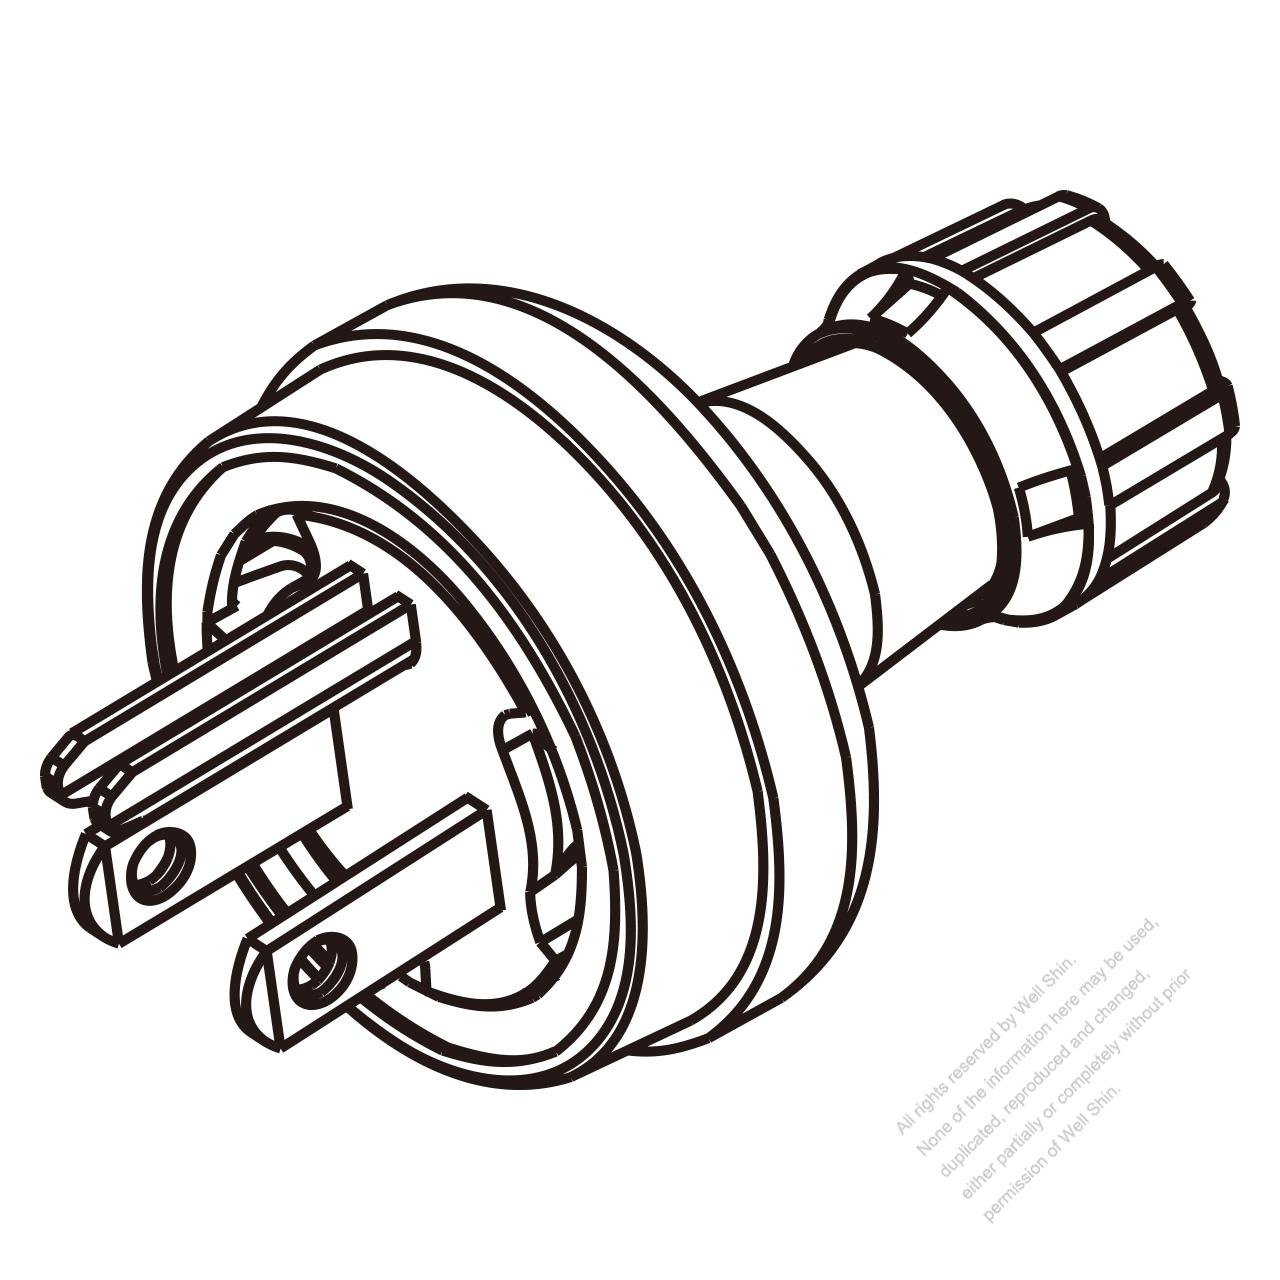 B696b356ac618f127adjQL nema l14 30 wiring diagram 1 on nema l14 30 wiring diagram